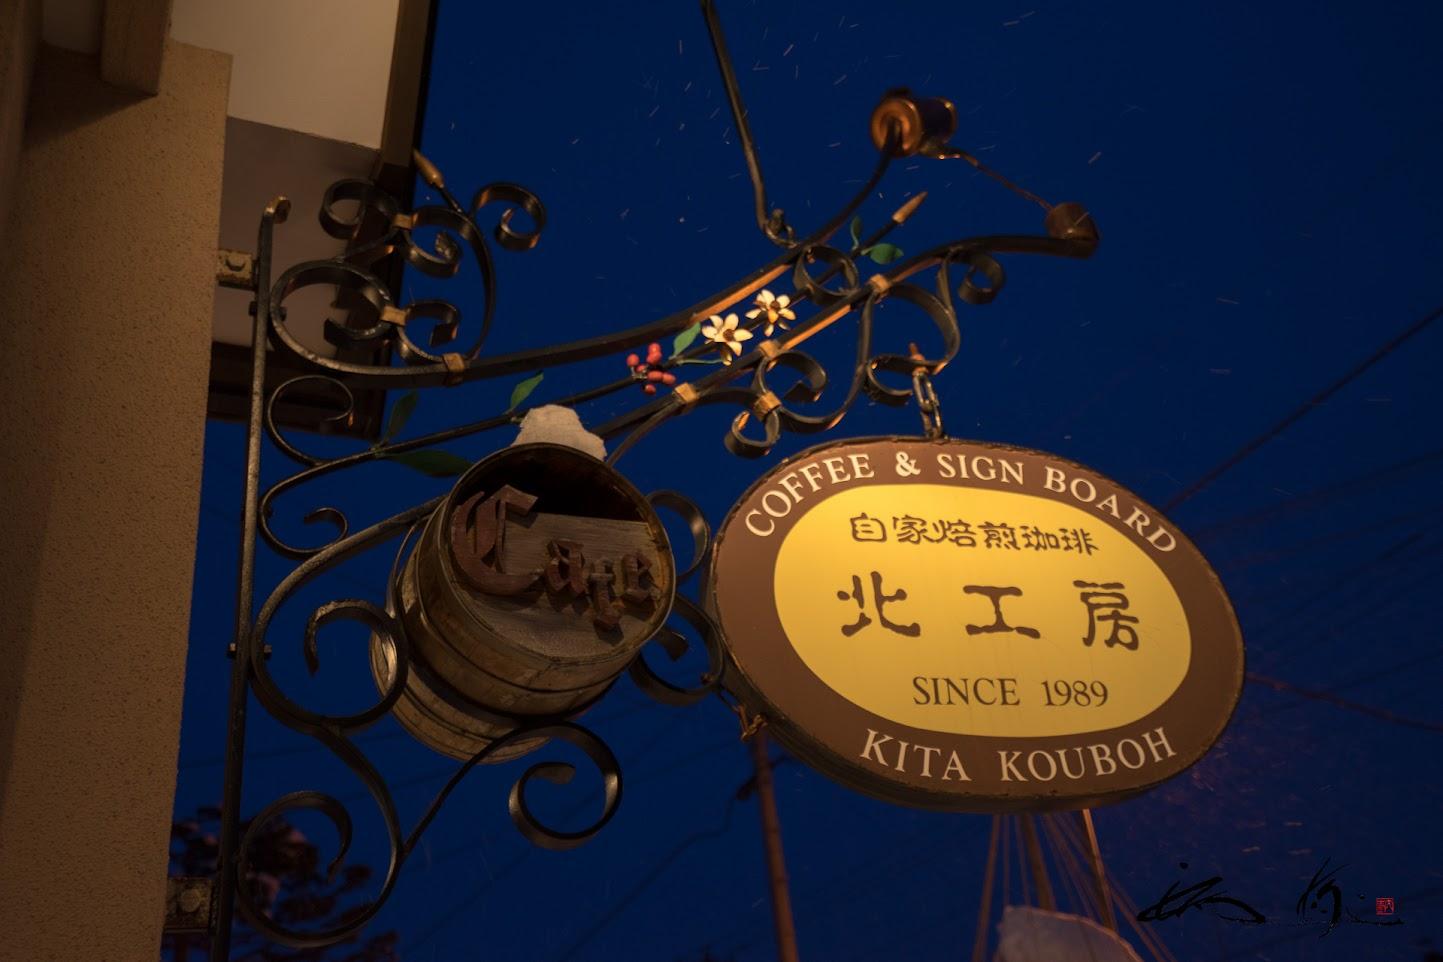 オーナー石村繁和さんの手作りの看板